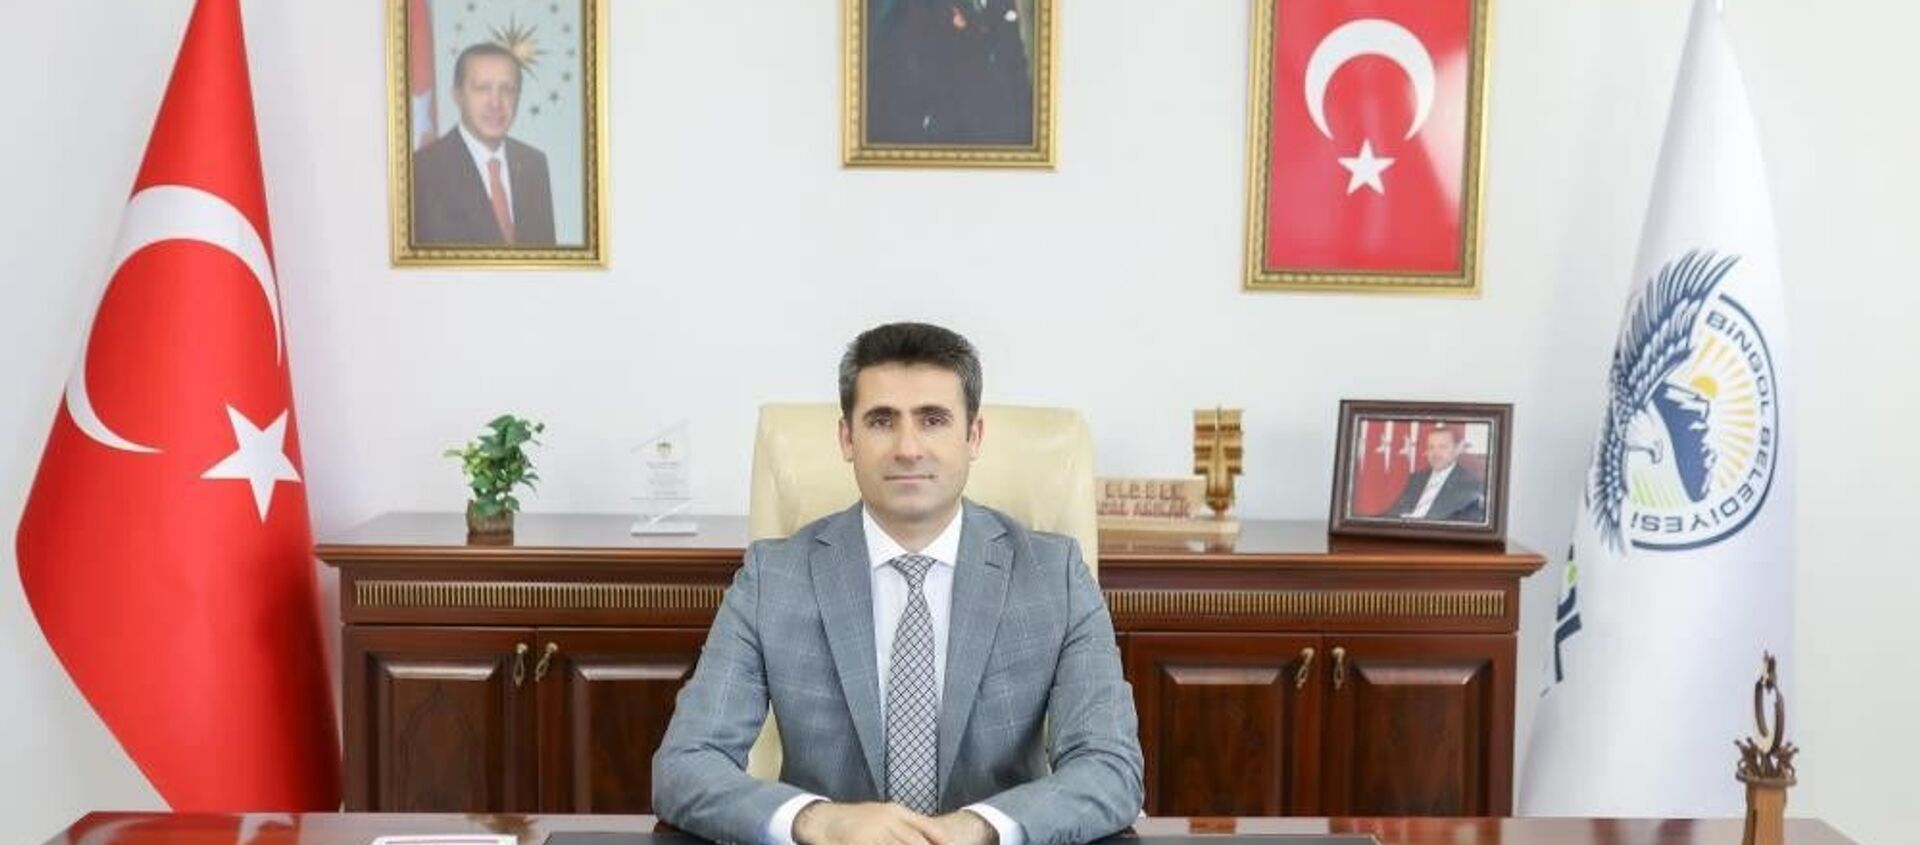 Bingöl Belediye Başkanı Erdal Arıkan - Sputnik Türkiye, 1920, 01.08.2021